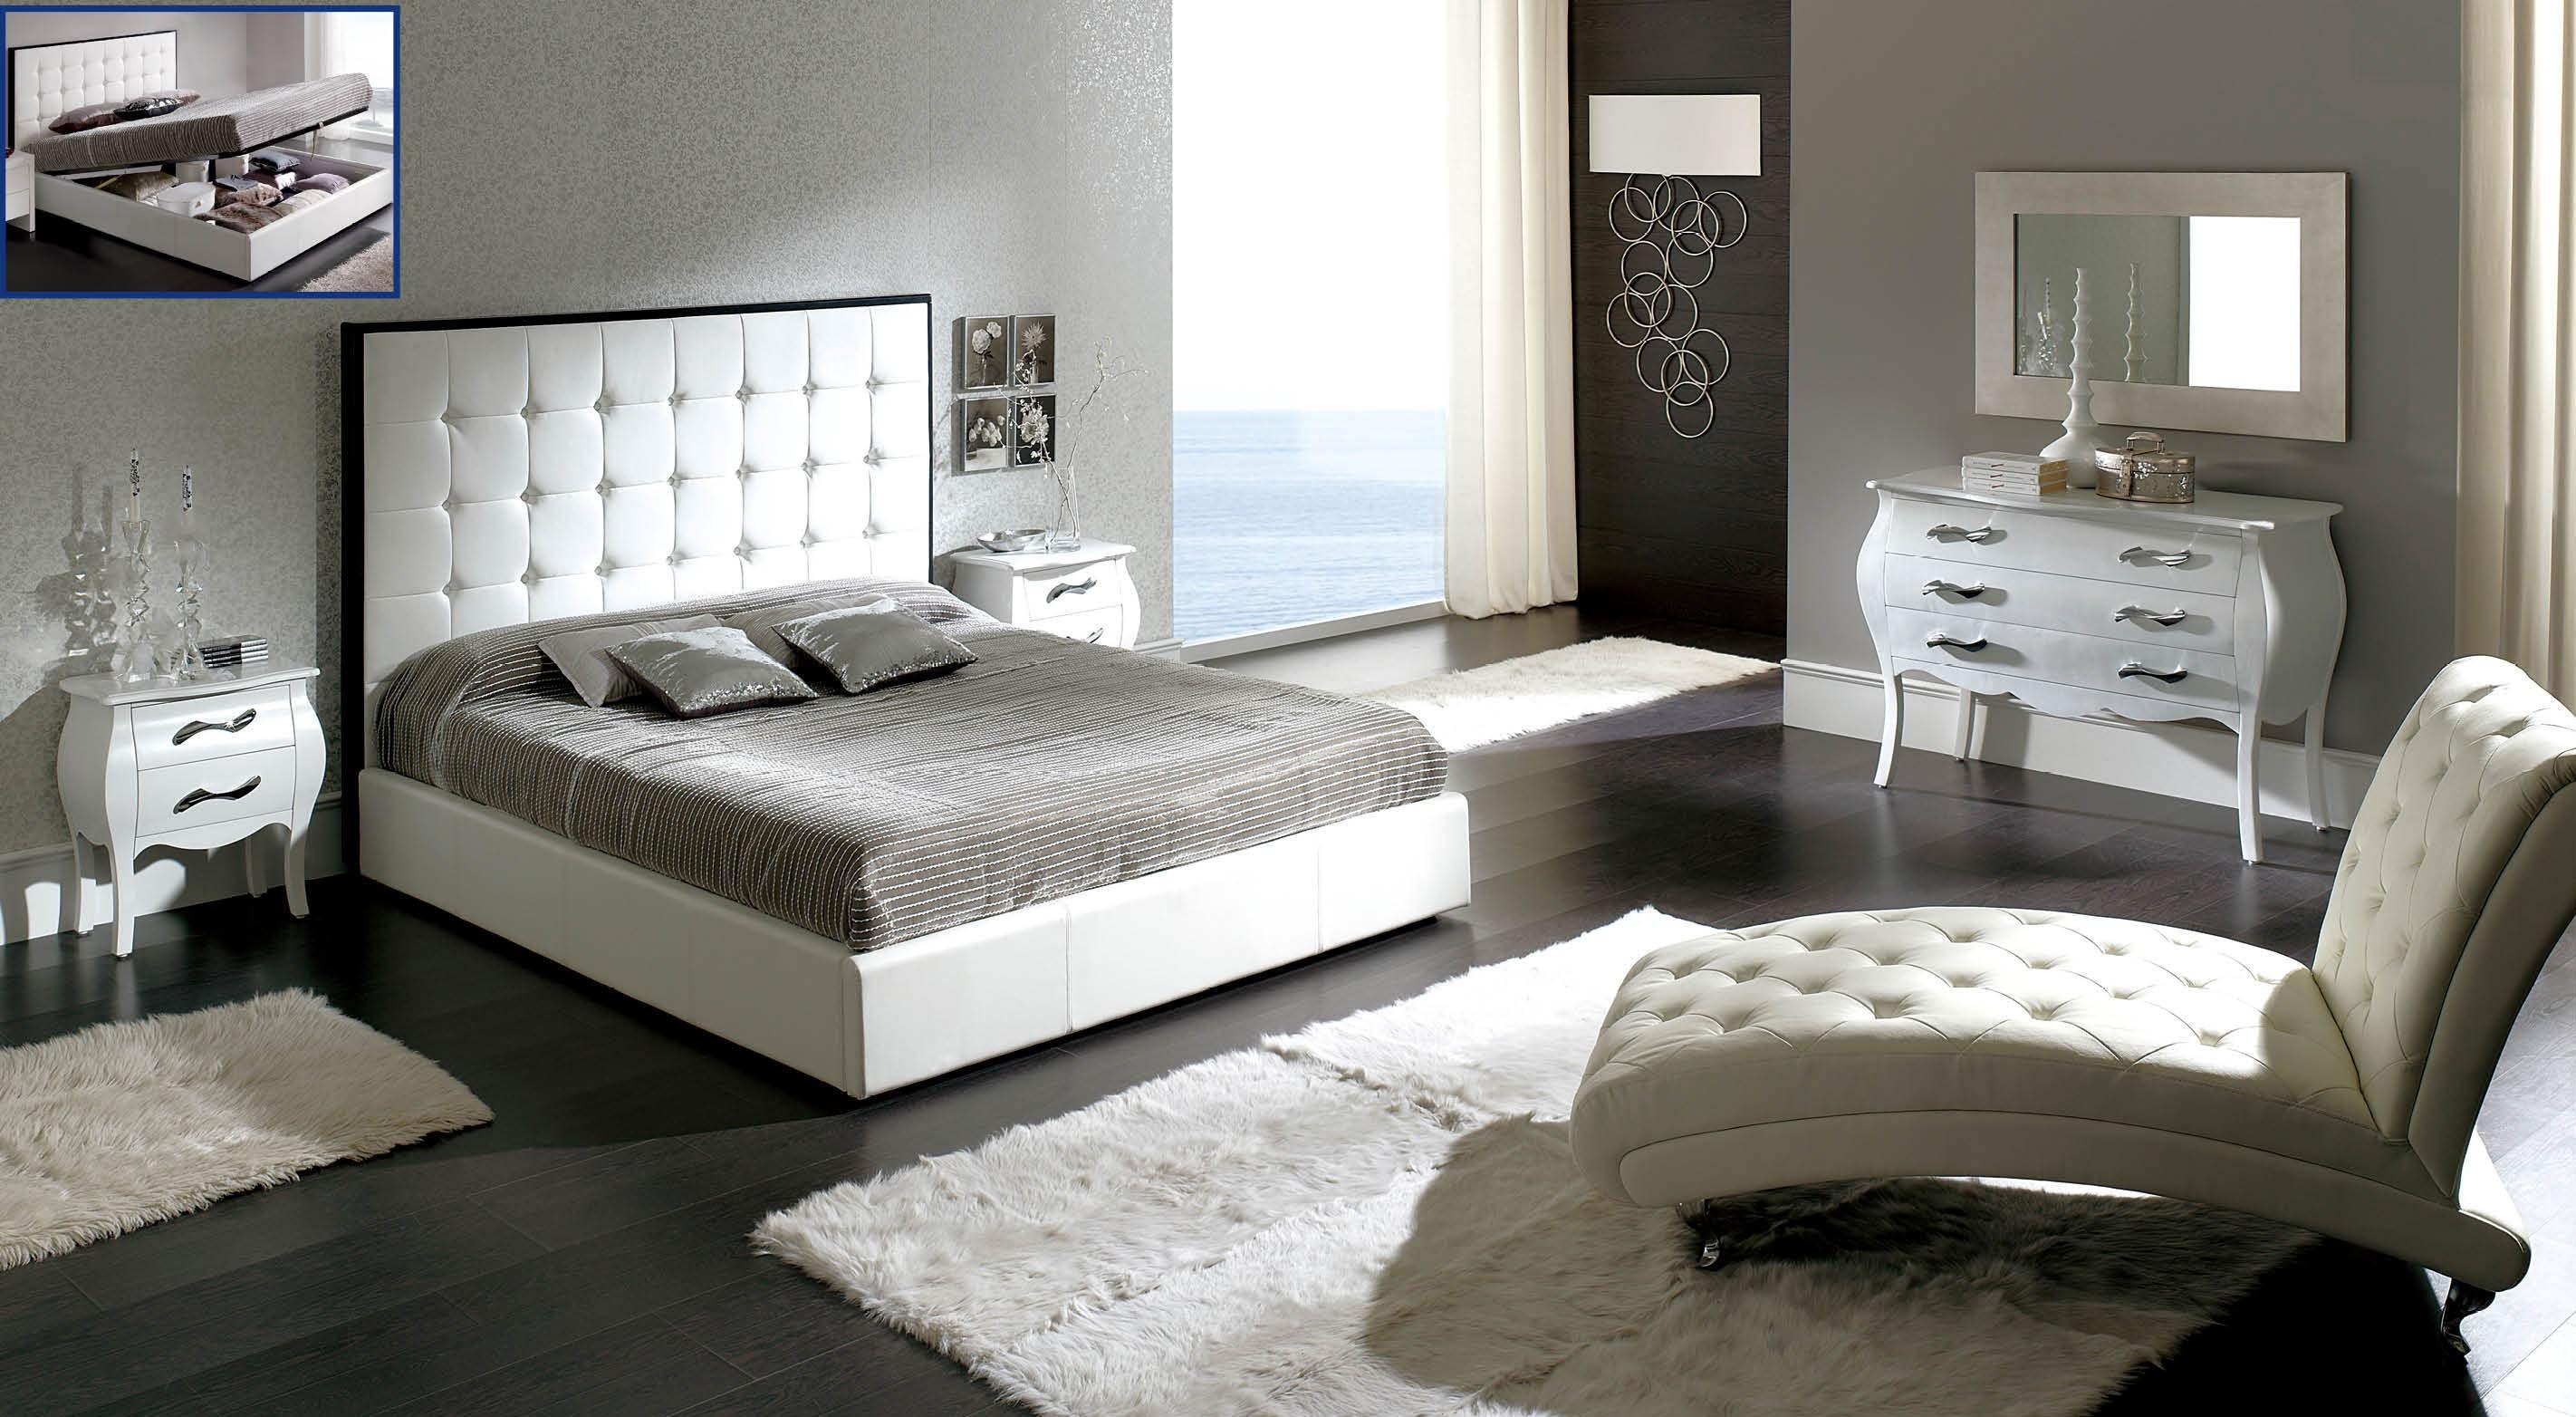 Peninsula White Modern Italian Bedroom Set N Star Modern